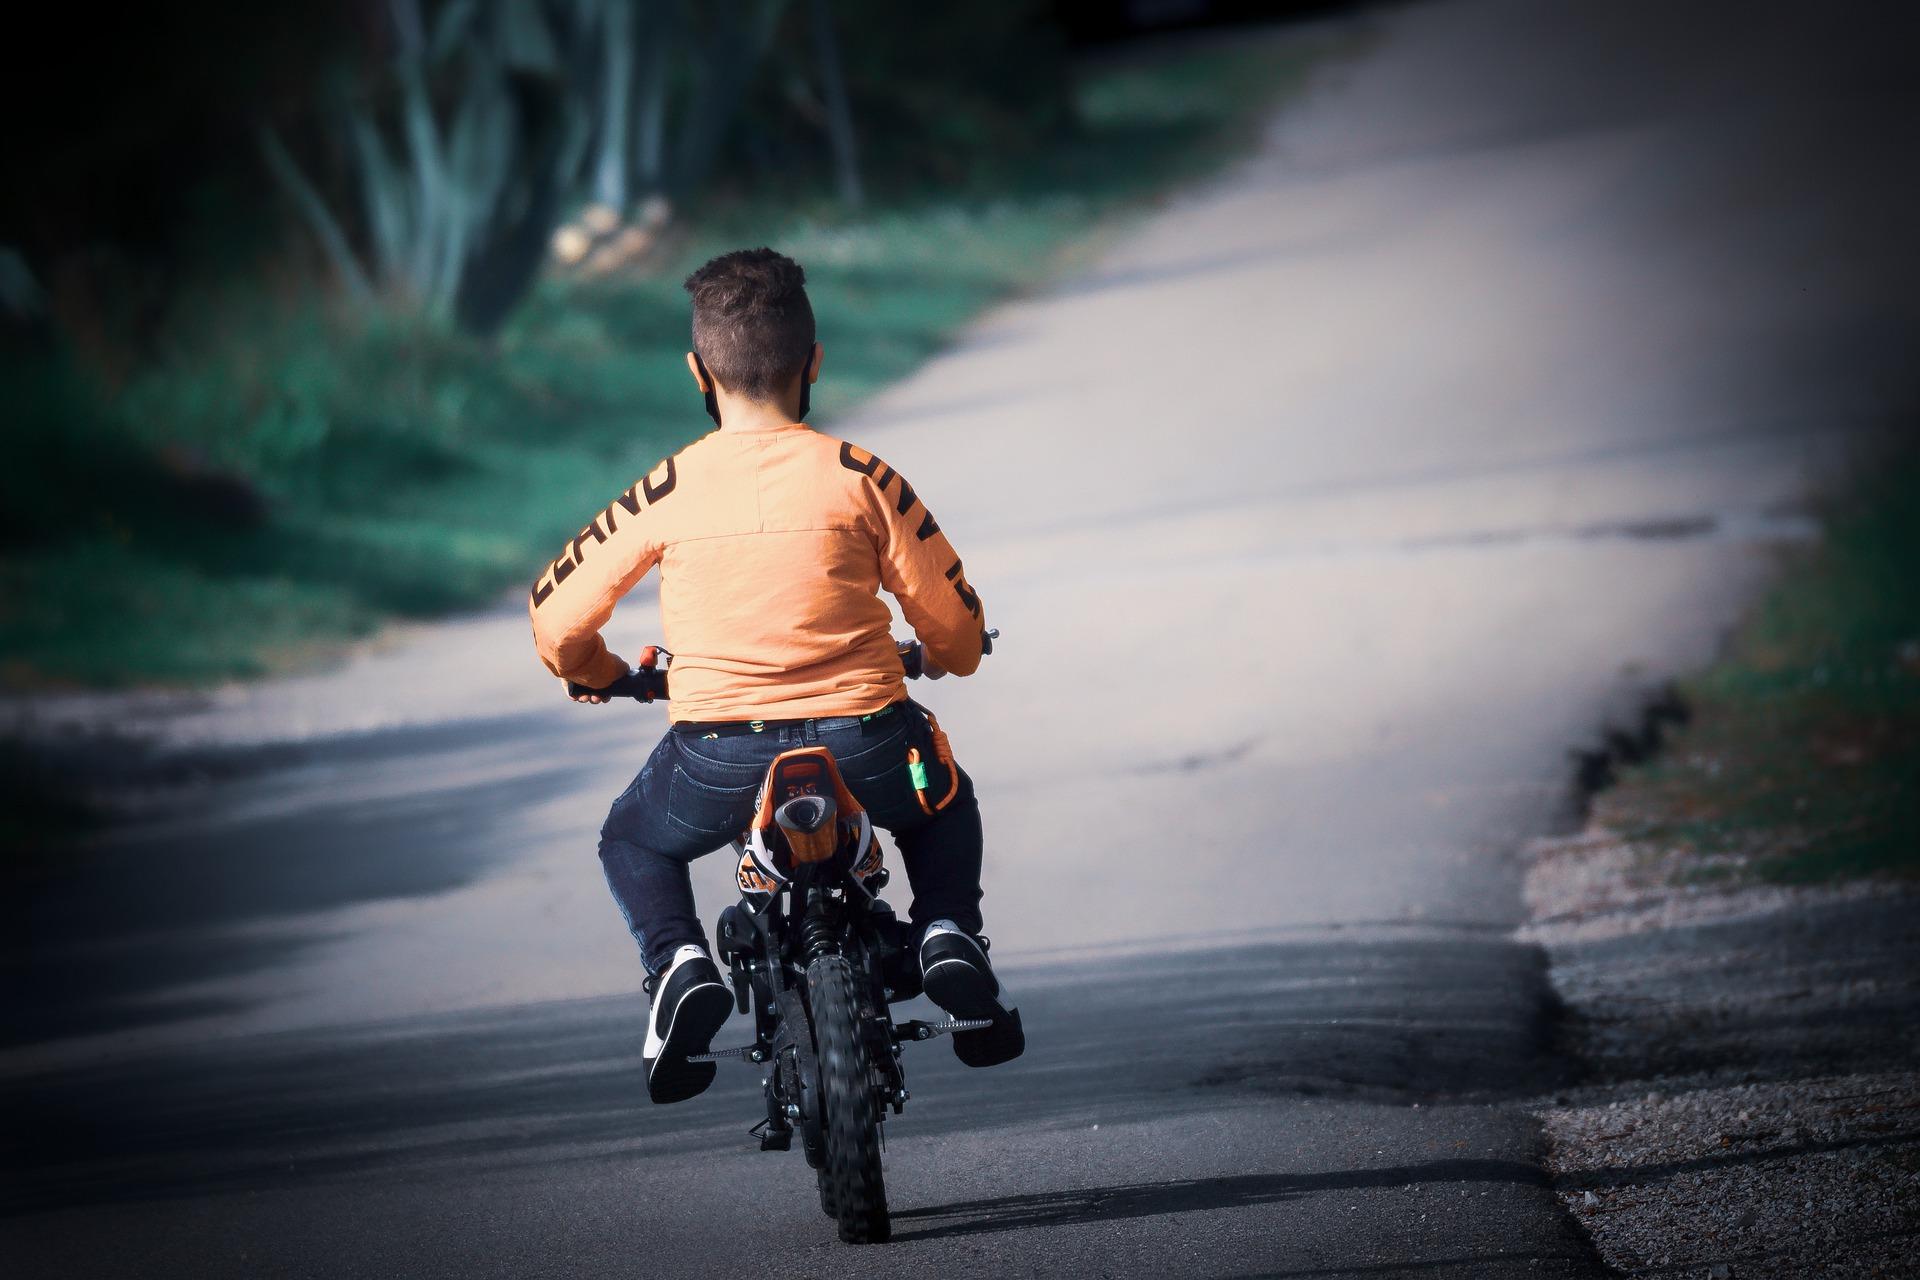 Menino pilotando mini moto.